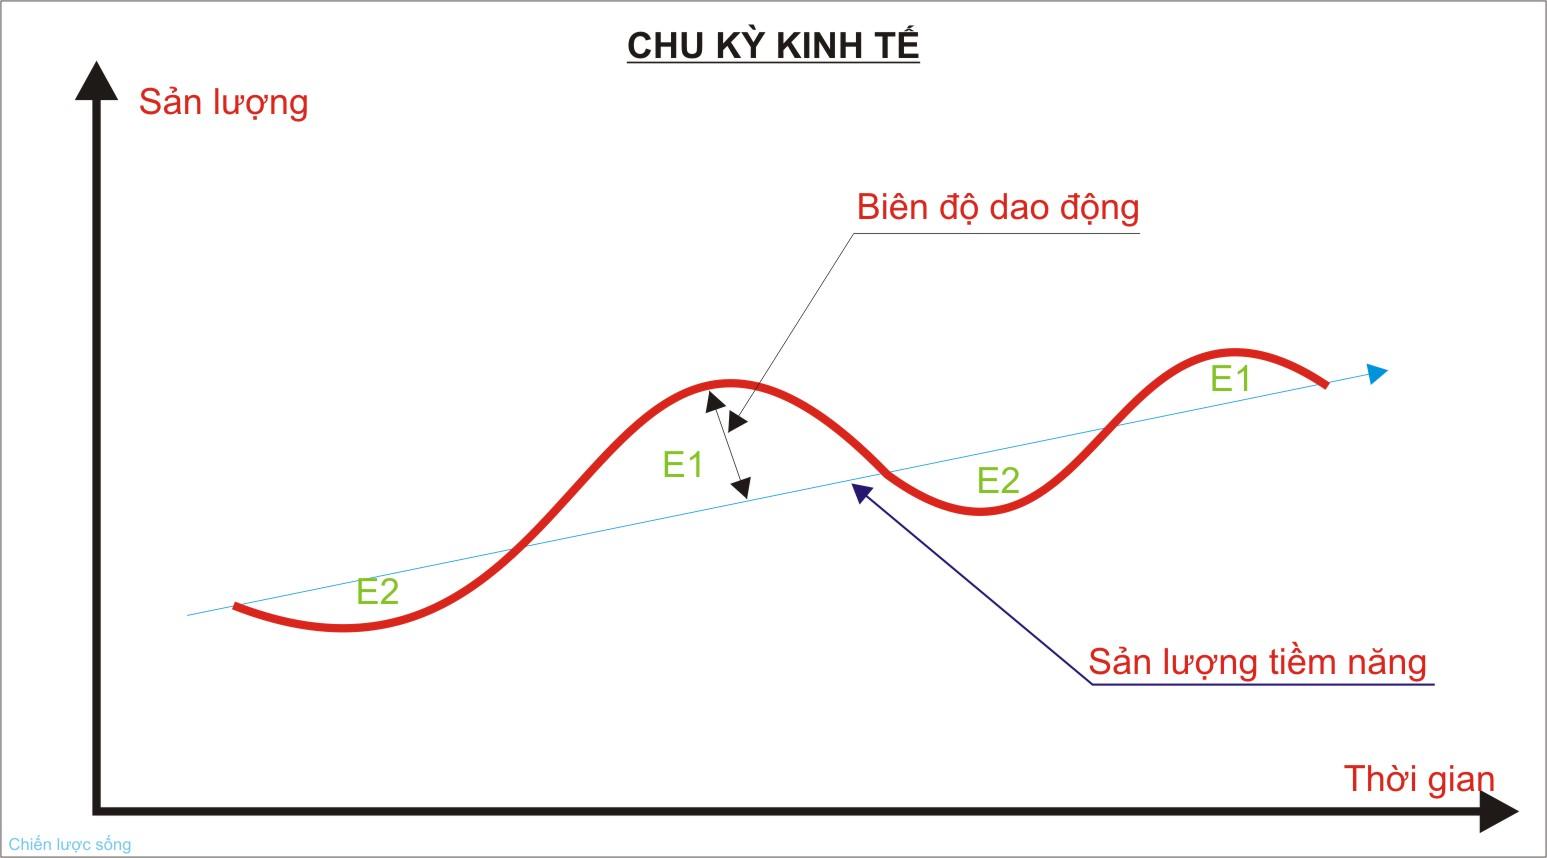 Kinh tế học (P5: Chỉ số kinh tế vĩ mô trong dài hạn)   Chiến lược sống